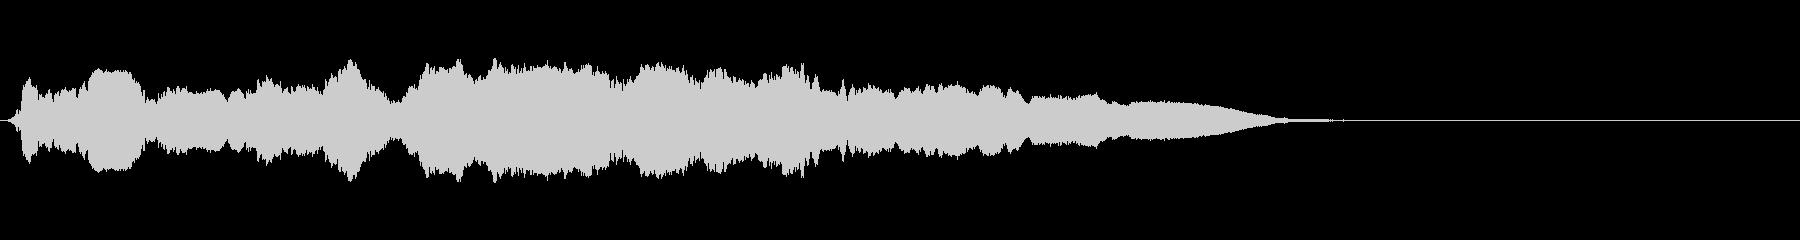 スライドホイッスル:滑走スライドダ...の未再生の波形